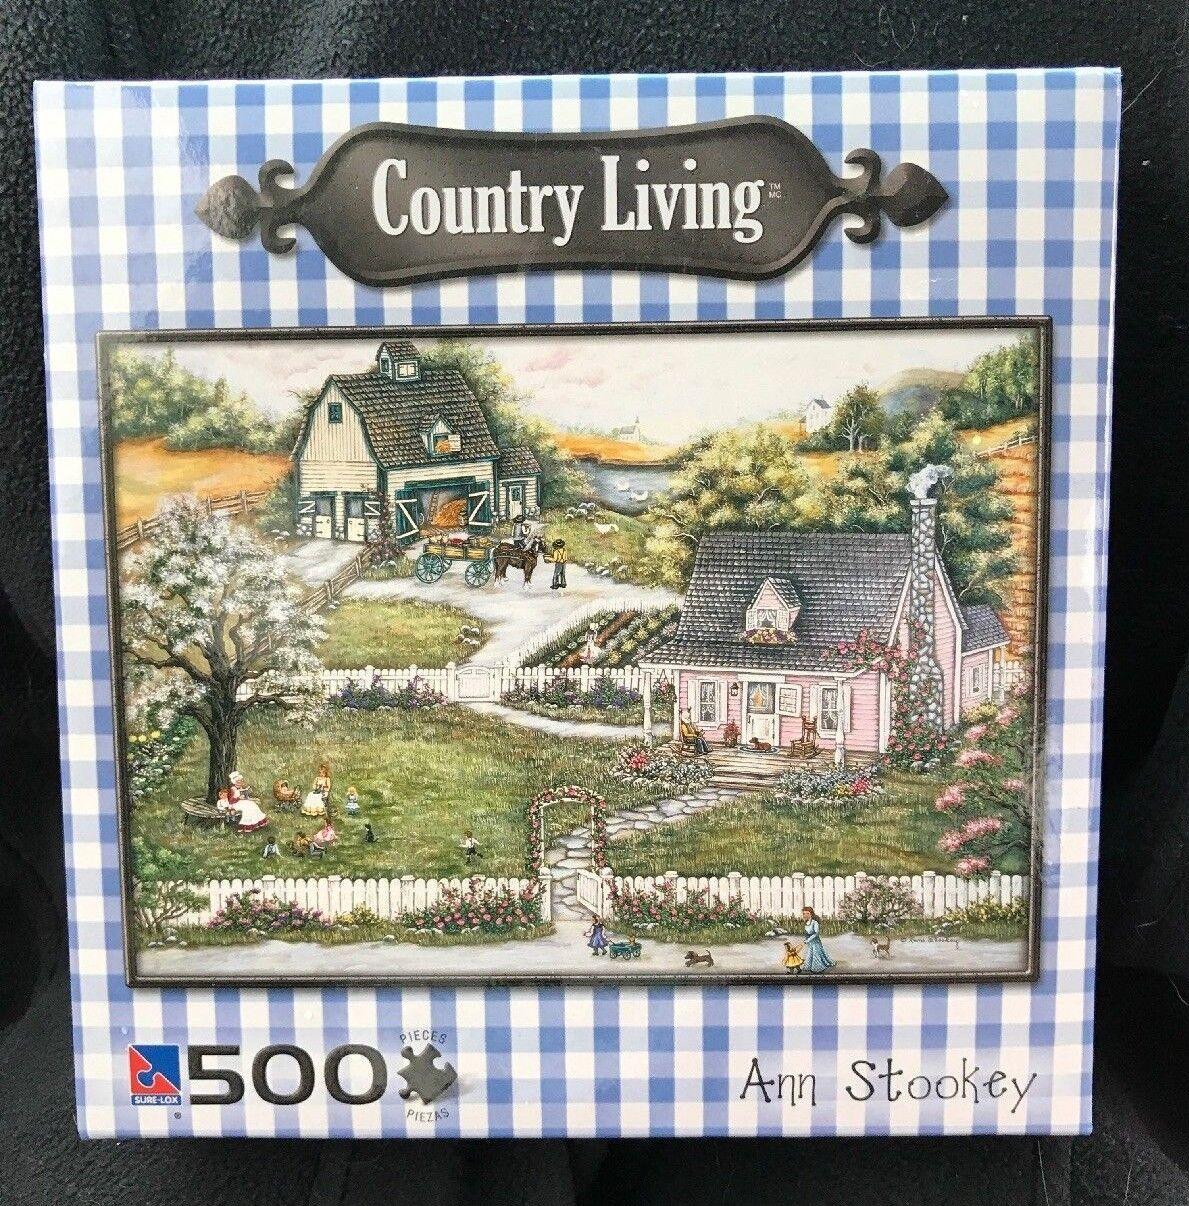 BRAND NEW Country Living Ann Stookey A berättelse På Granma s 500 -pussel